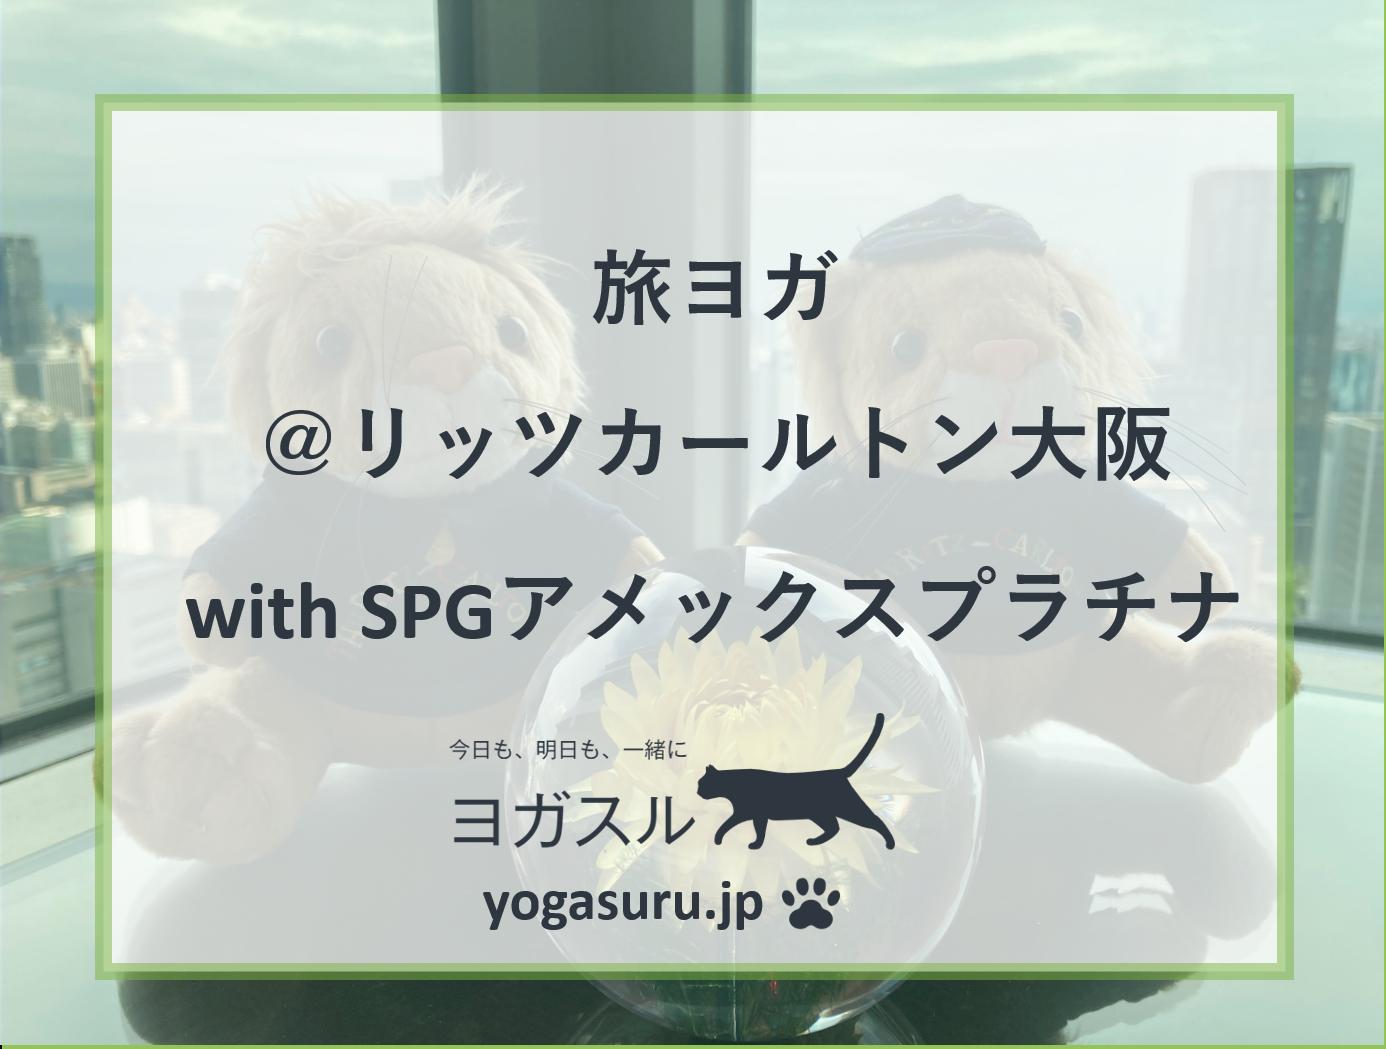 リッツカールトン大阪で旅ヨガを満喫する方法 with SPGプラチナ